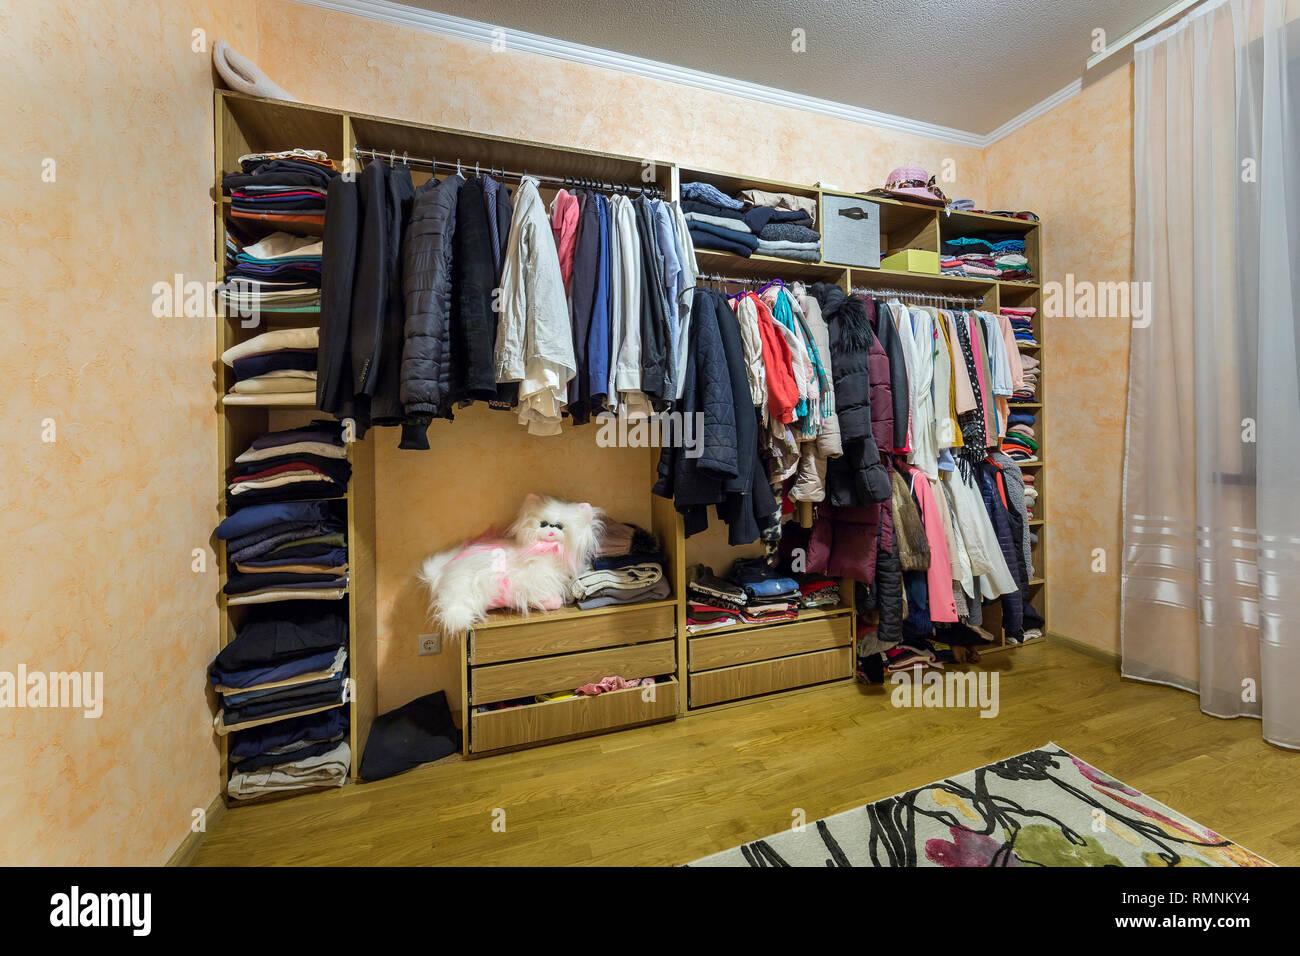 Öffnen dressing Schrank Kleiderschrank voll von verschiedenen ...